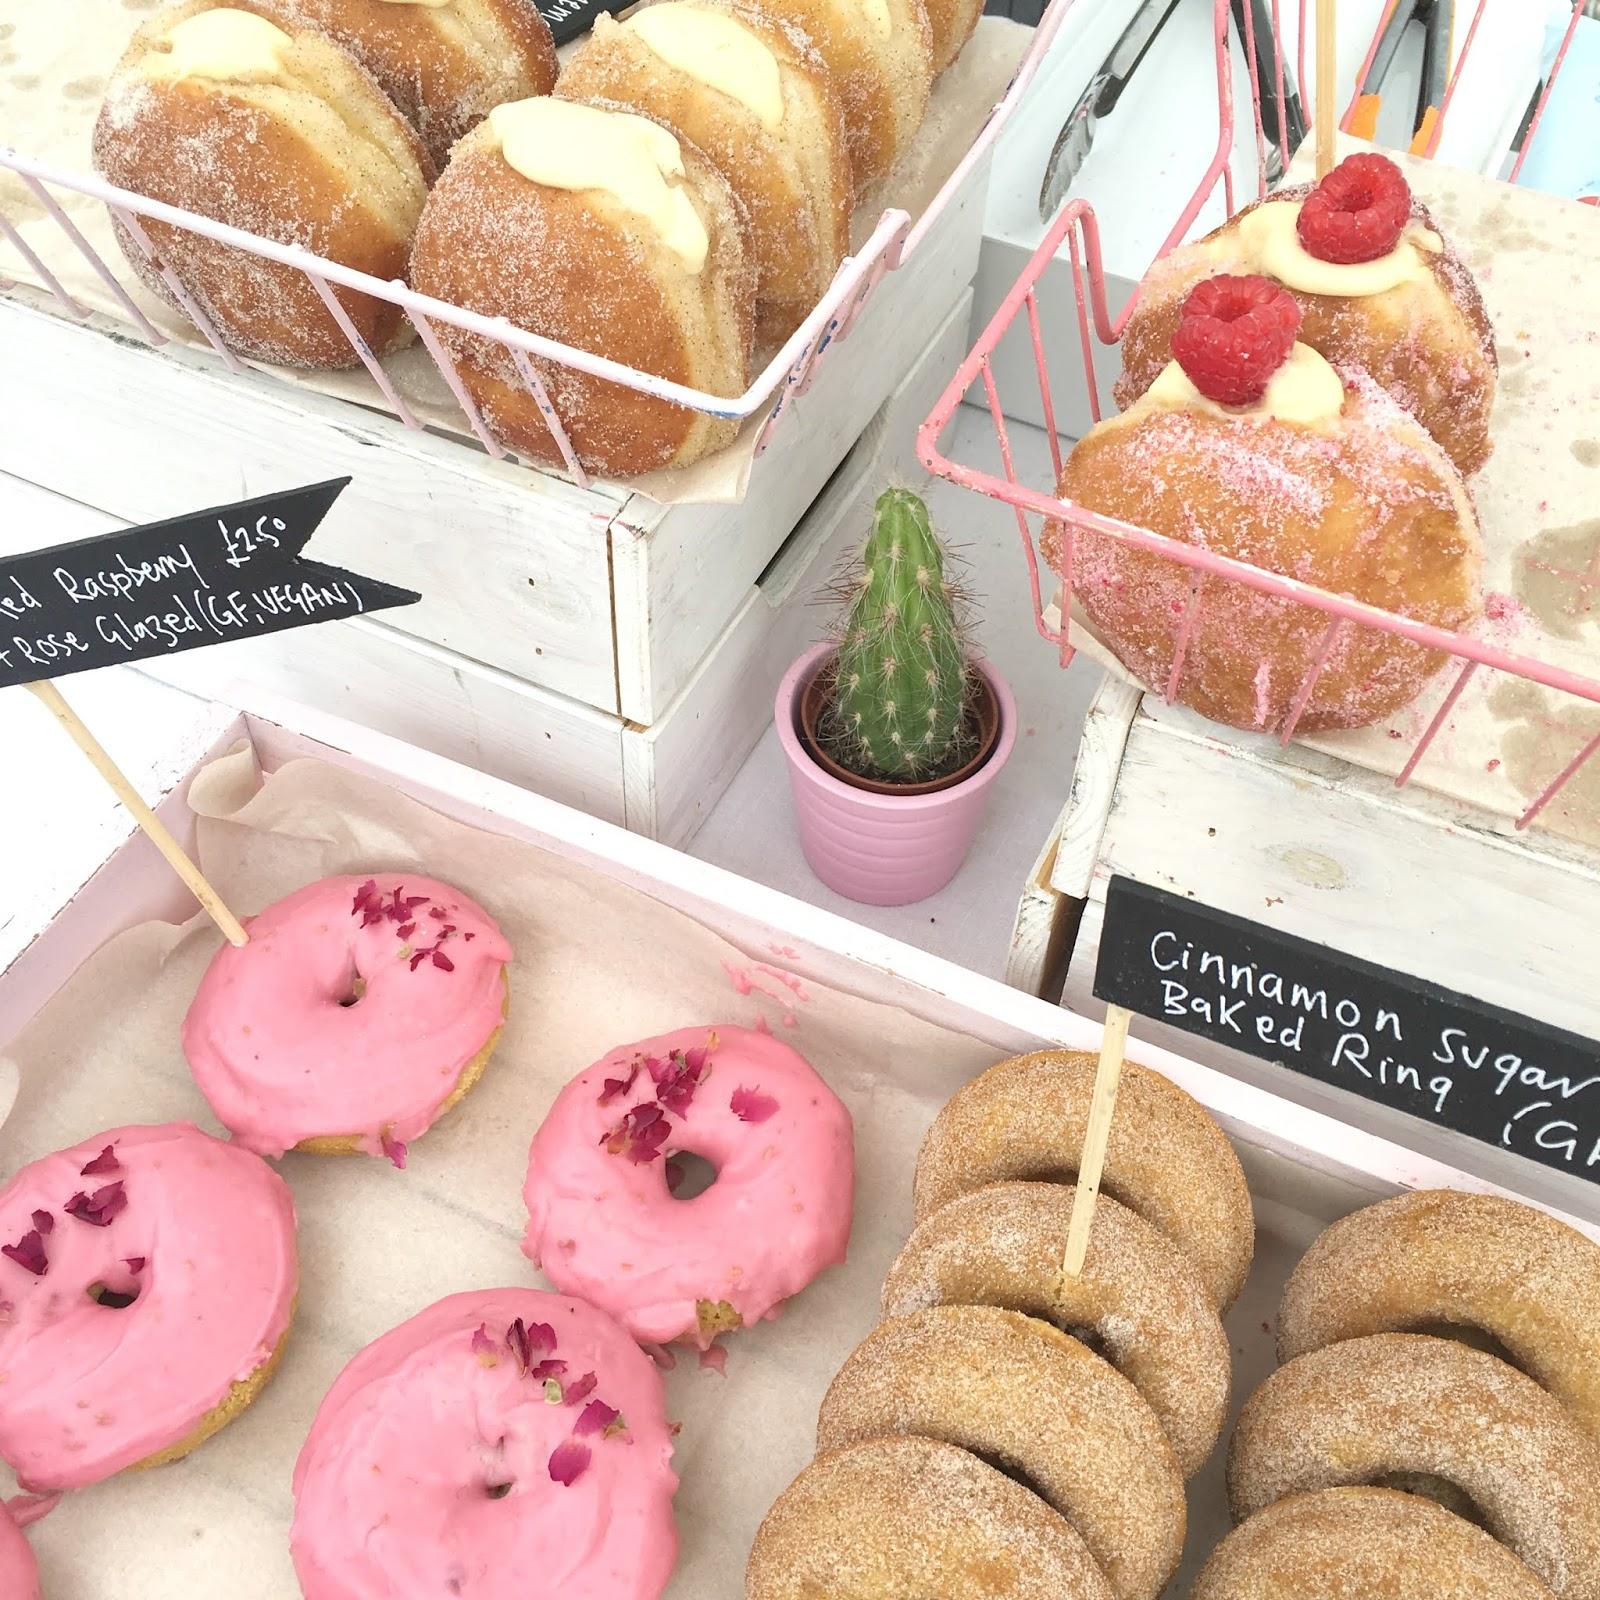 Proven - Newcastle Doughnut